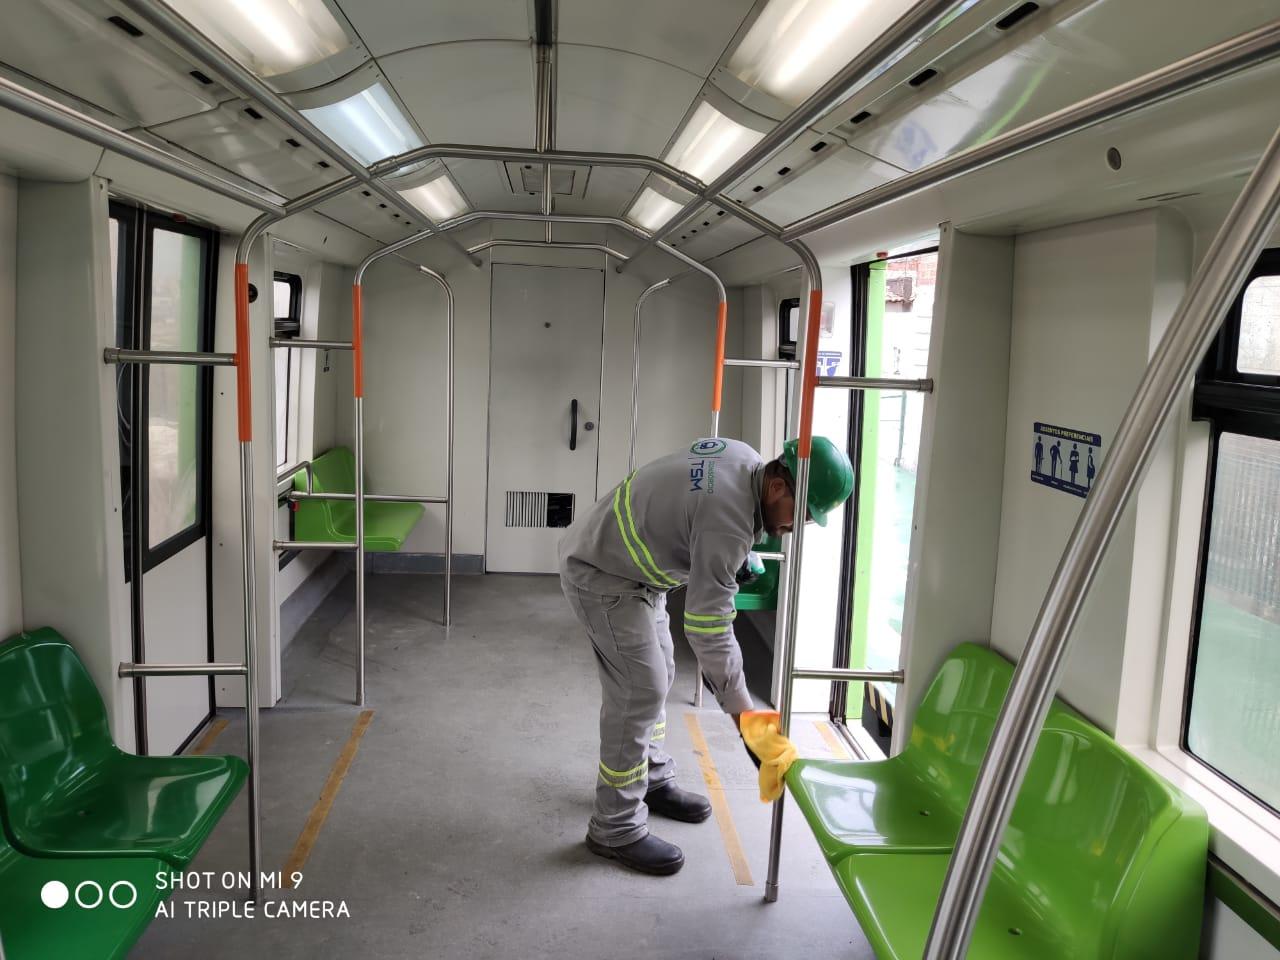 Metrofor realiza limpezas sistemáticas nos trens, campanha informativa e estações terão álcool em gel